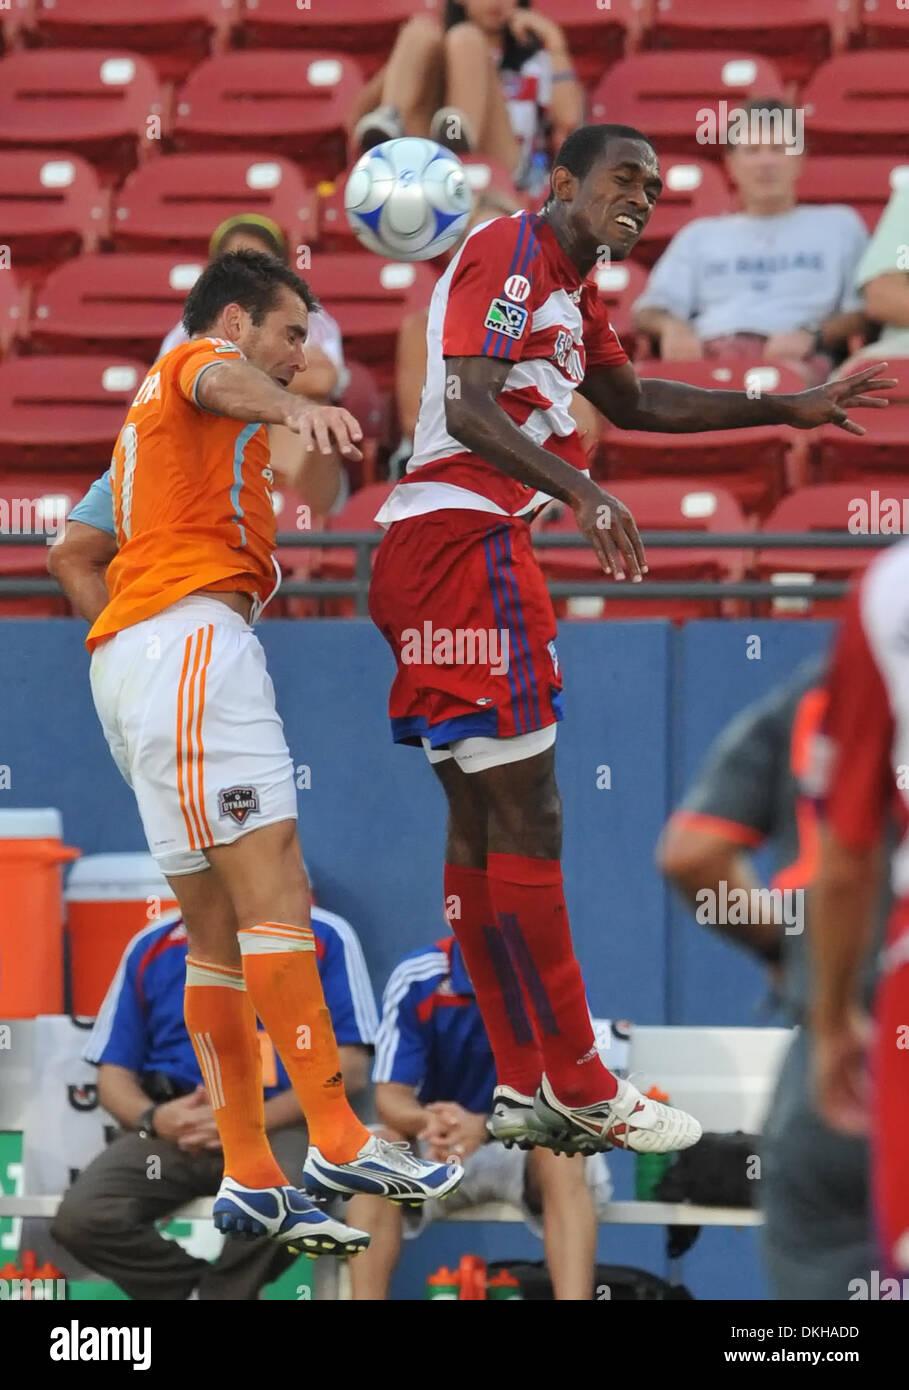 FC Dallas Midfielder Atiba Harris wins the ball over Dynamo Brian Ching as FC Dallas wins 1-0. (Credit Image: © - Stock Image